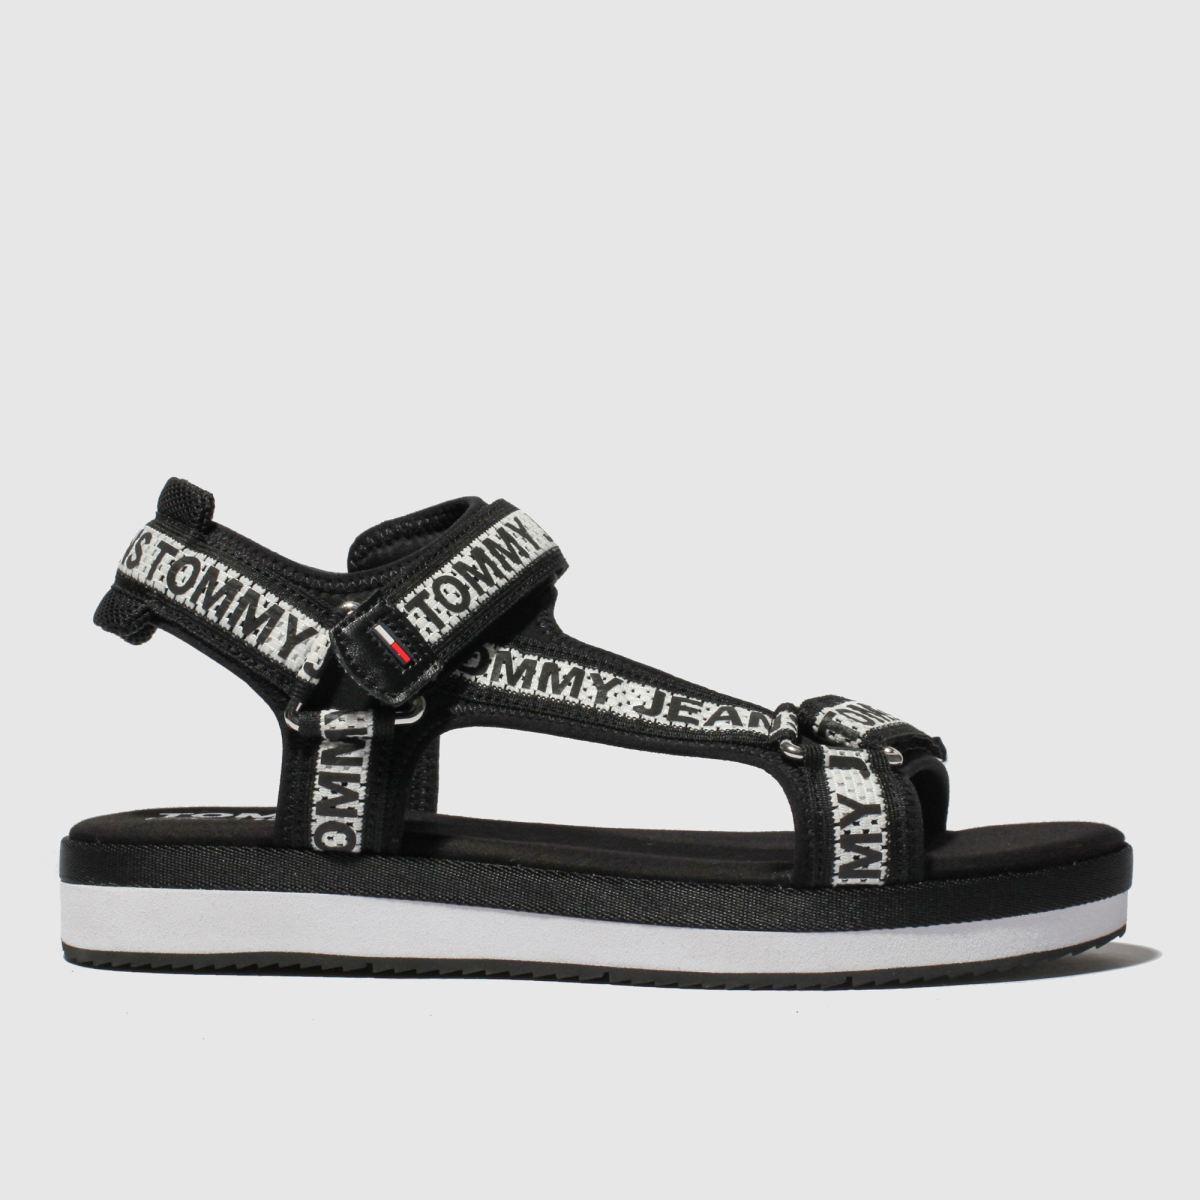 Tommy Hilfiger Black & White Tj Mesh Webbing Sporty Sandal Sandals